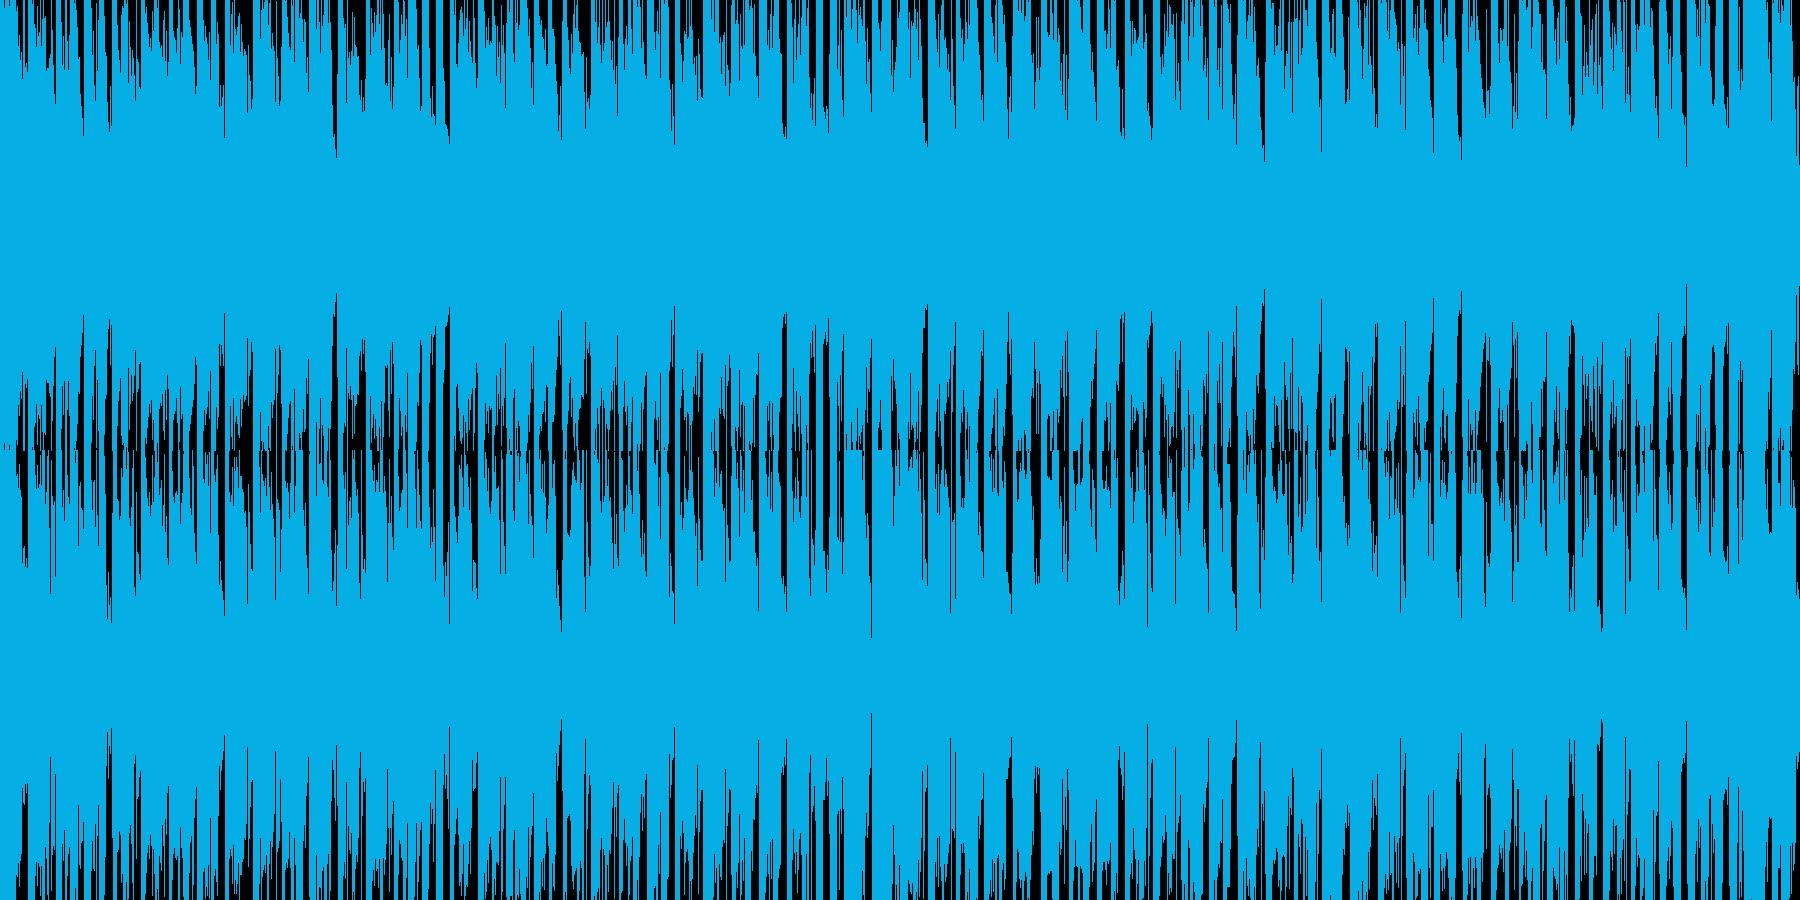 ジングルベル スキャット入り1 ループの再生済みの波形